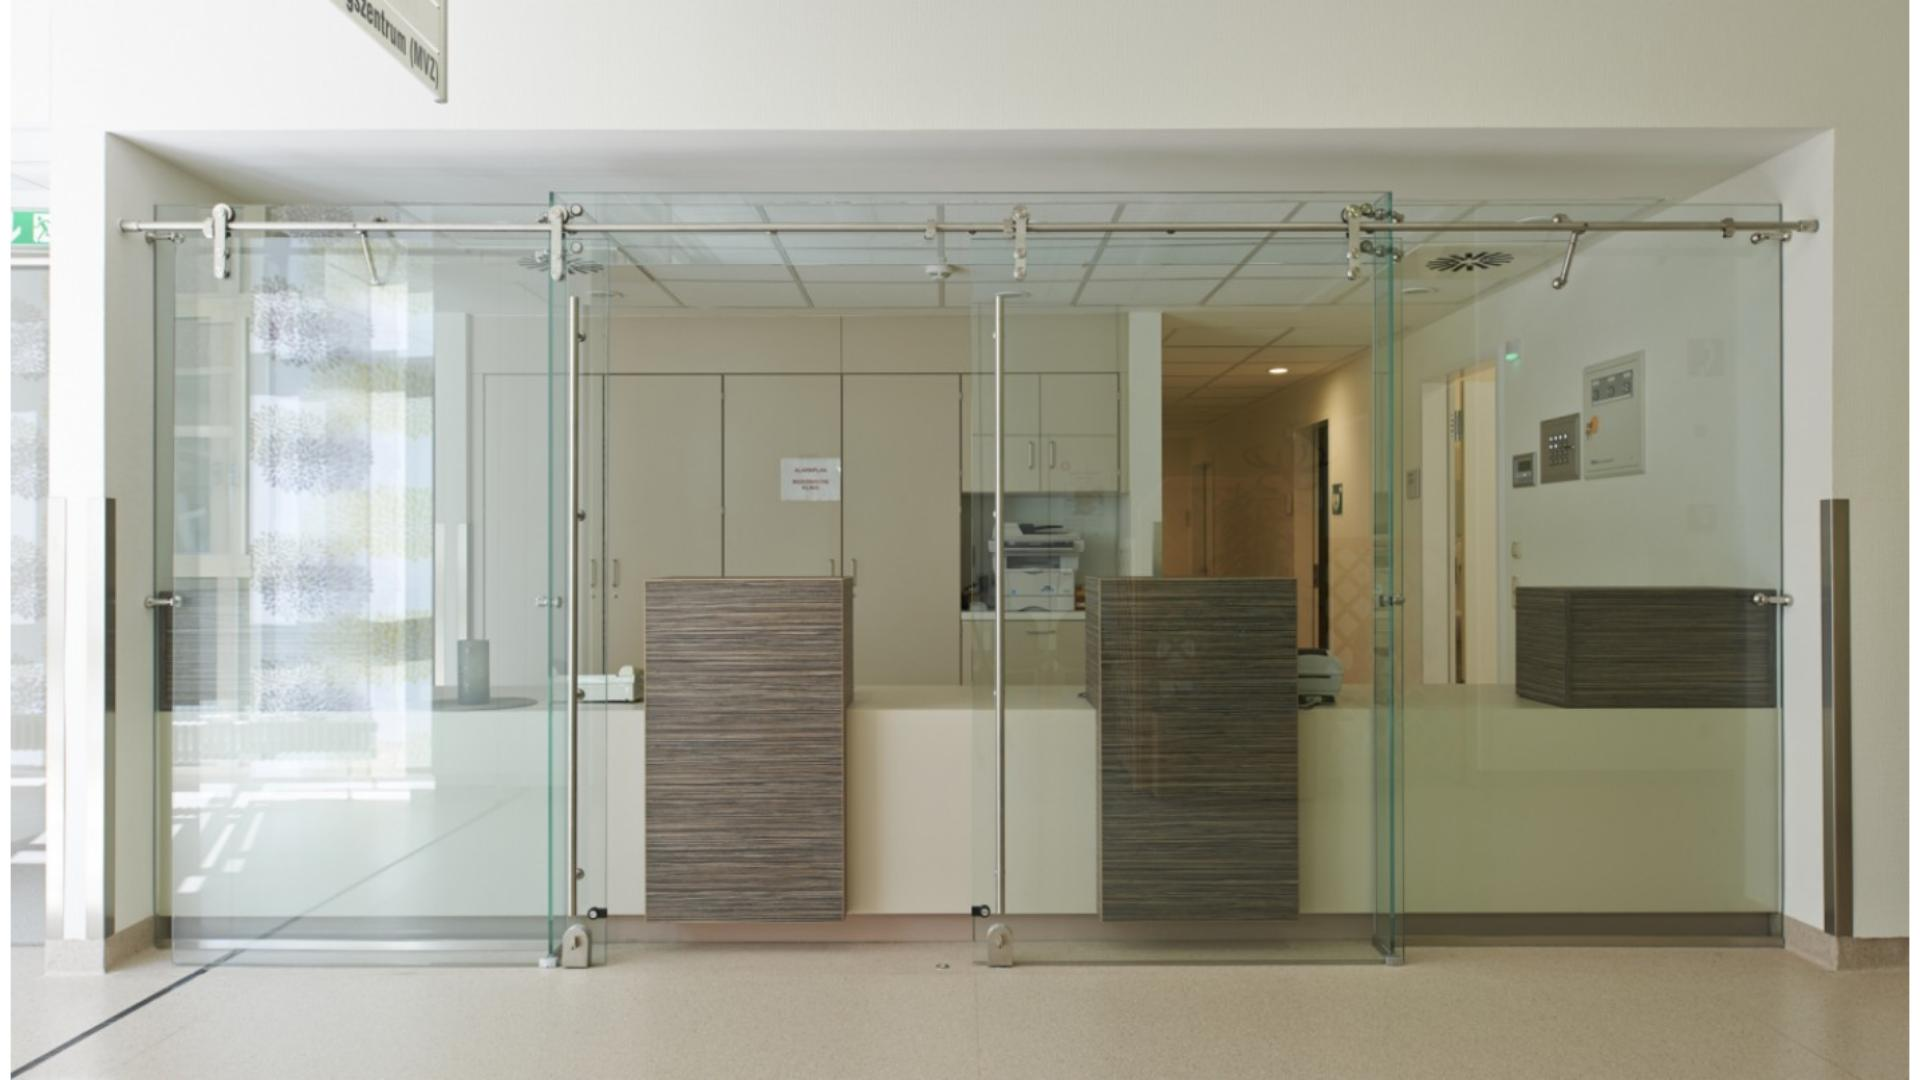 Glas-Trennwand vor einem Empfangstresen